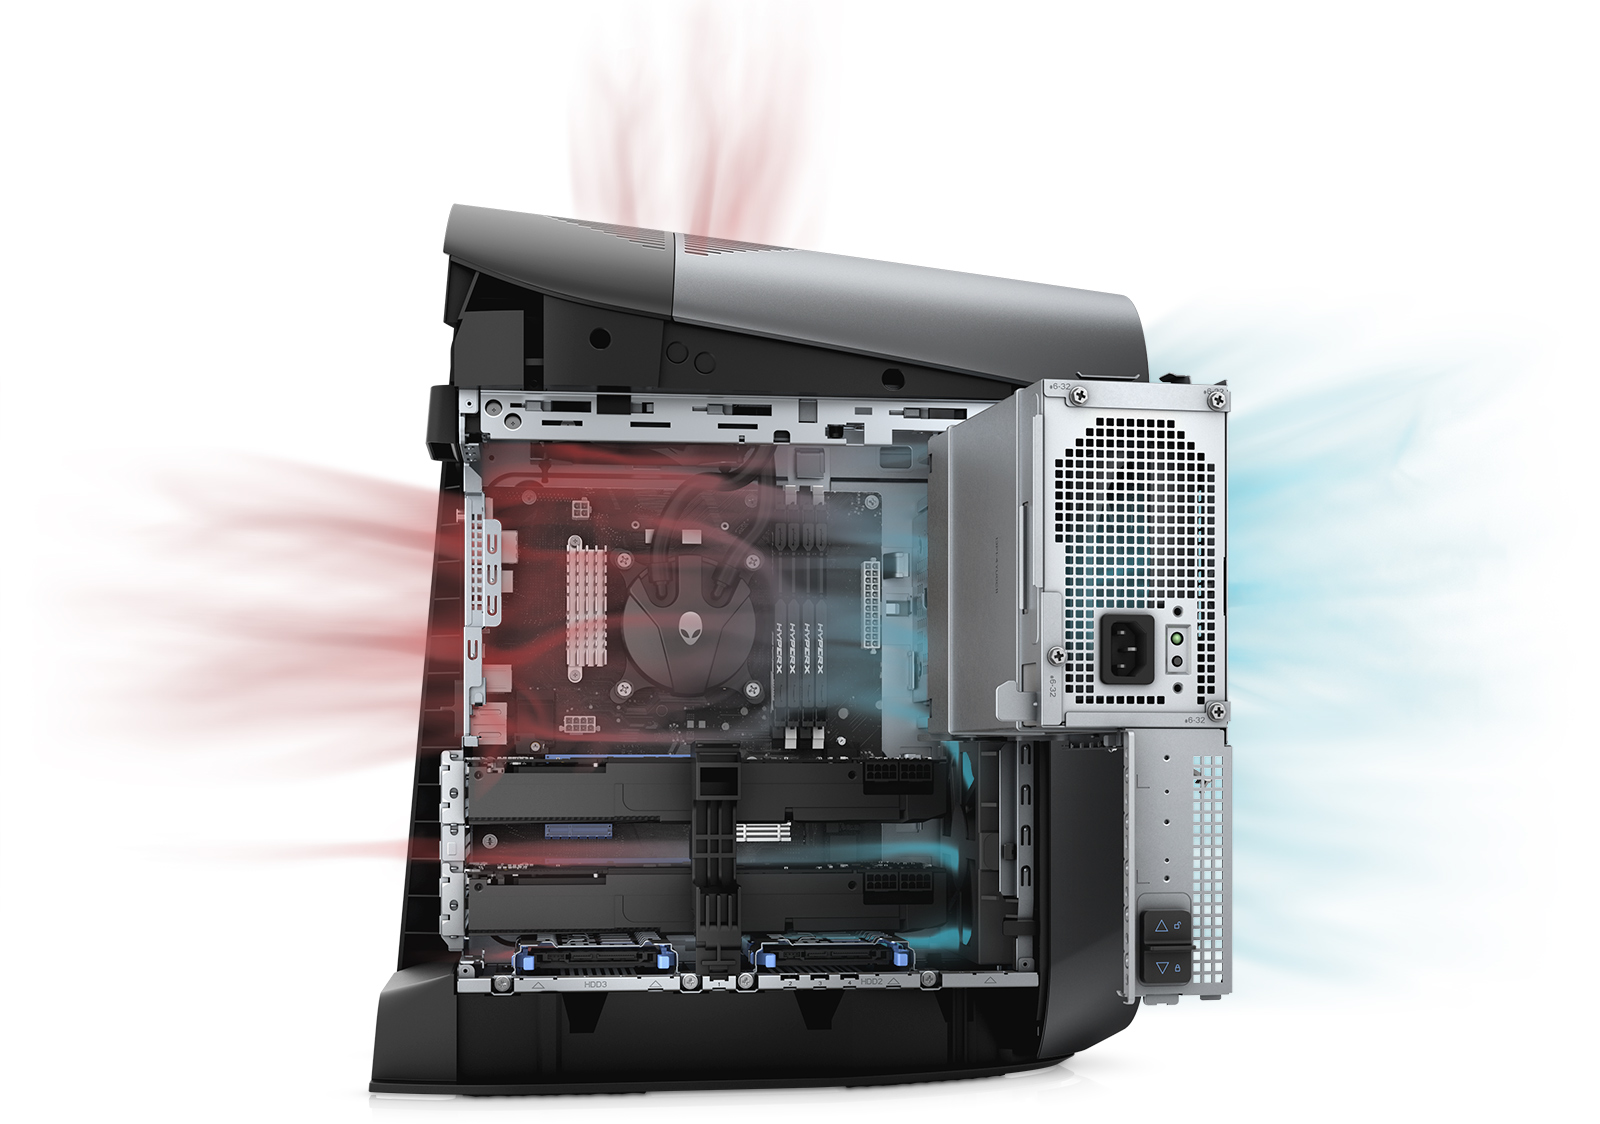 Dell Announces Alienware Aurora R9: An Ultimate mATX Gaming PC